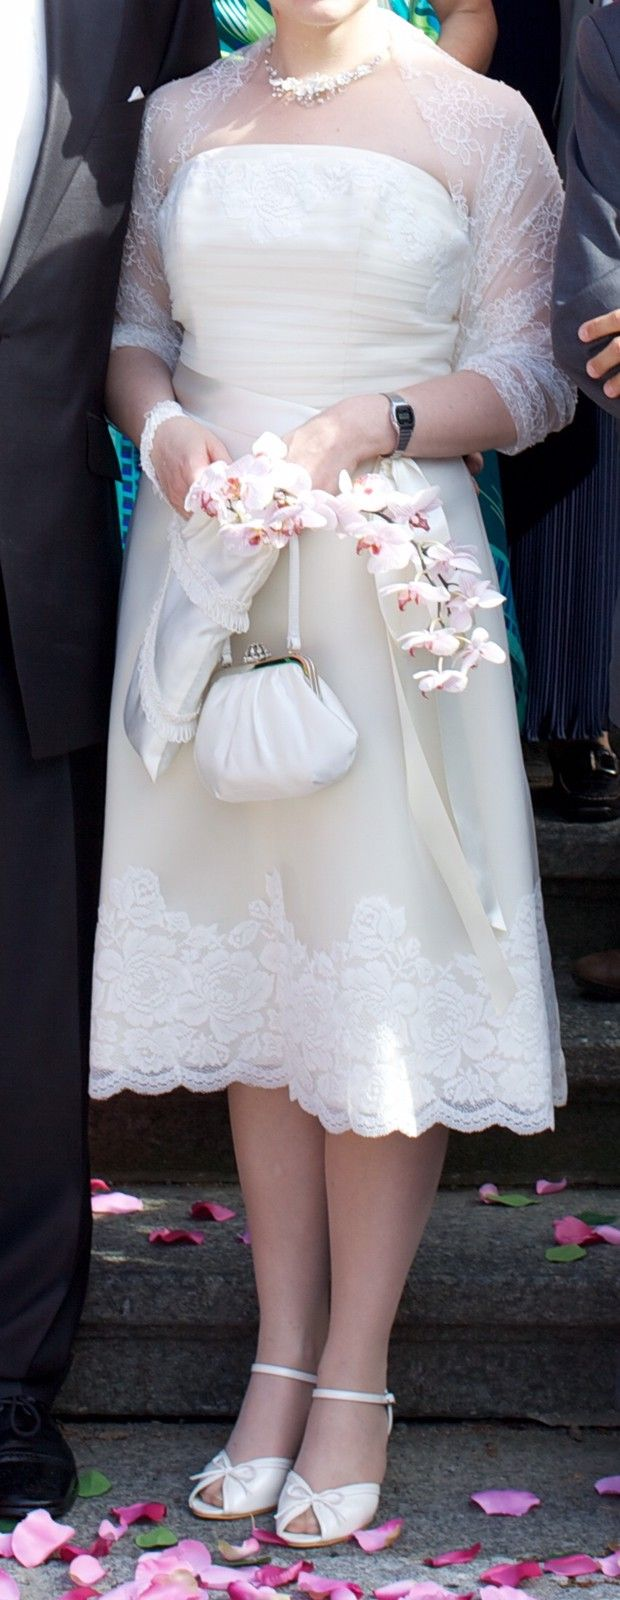 e7b68c97 Kort brudekjole fra Lilly | FINN.no